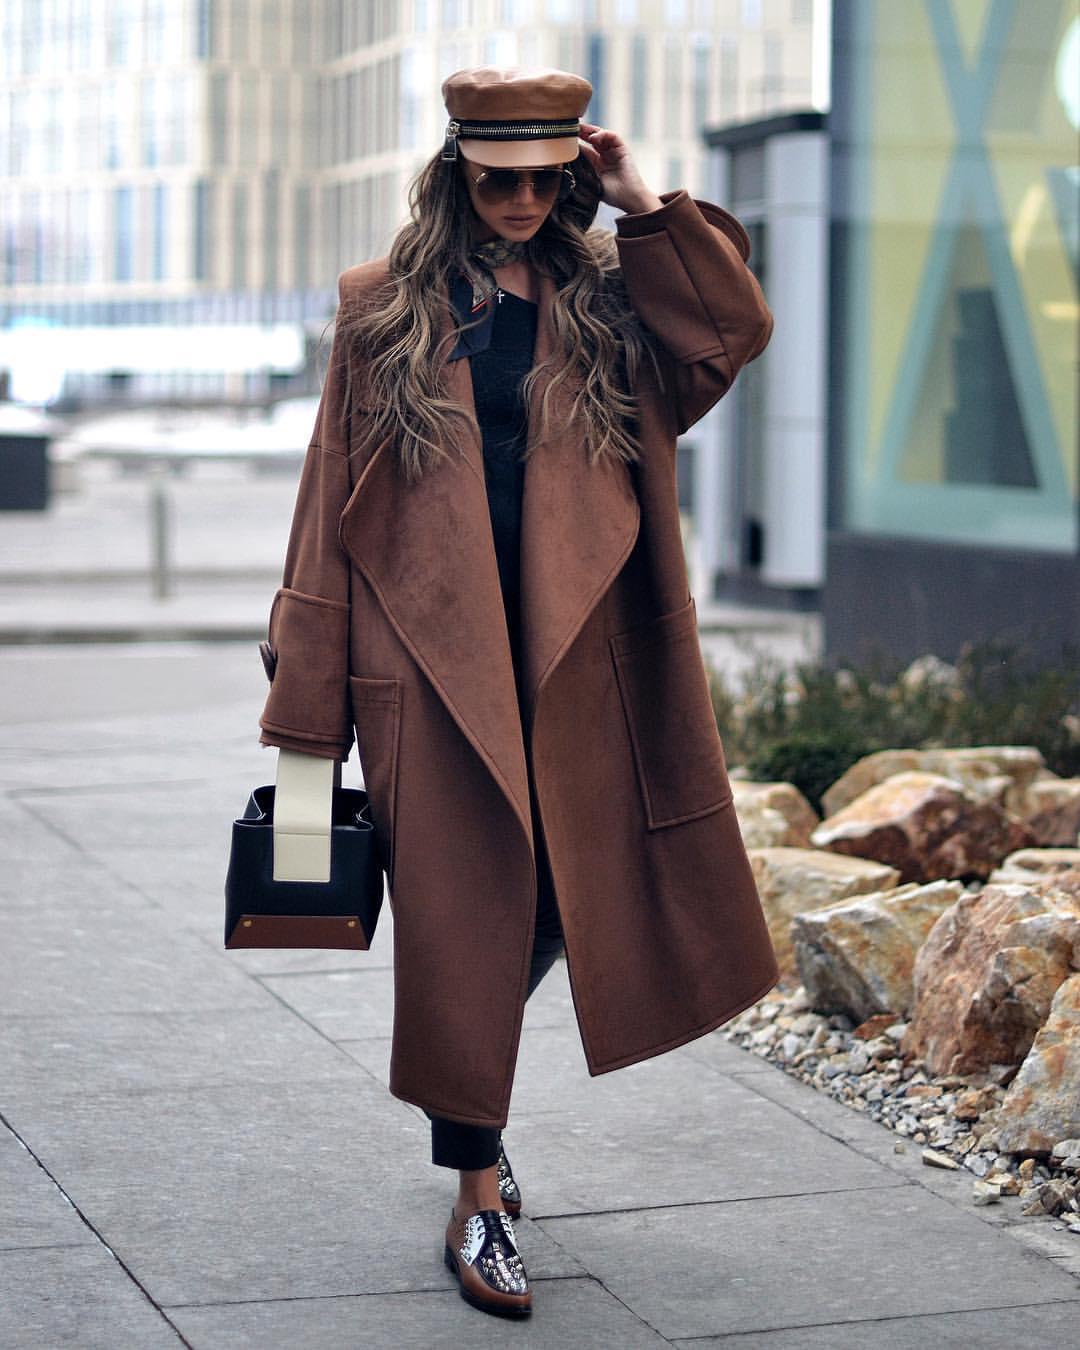 Цвет мокко в одежде: как и с чем носить наряды кофейных оттенков этой осенью фото 2